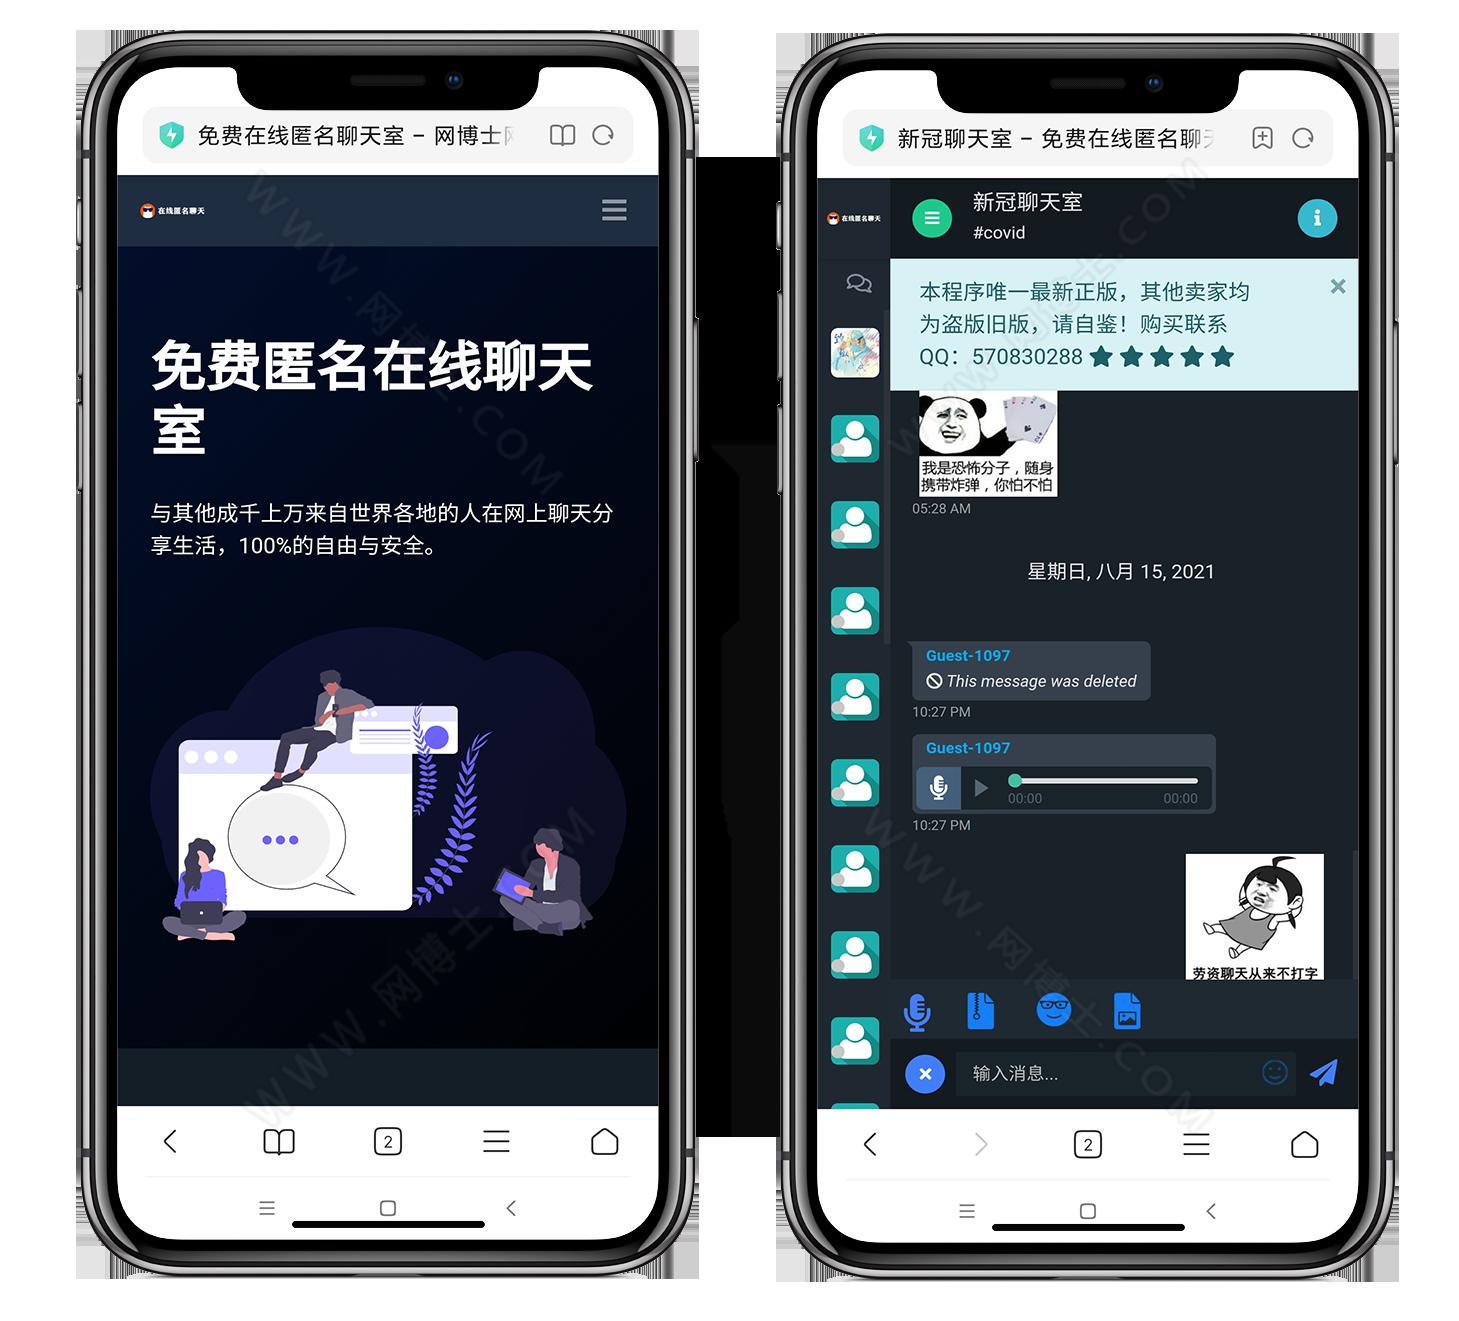 多语言多人在线匿名聊天室 支持语音、文字、图片、文件 私人聊天室 支持同时创建多个聊天 手机自适应